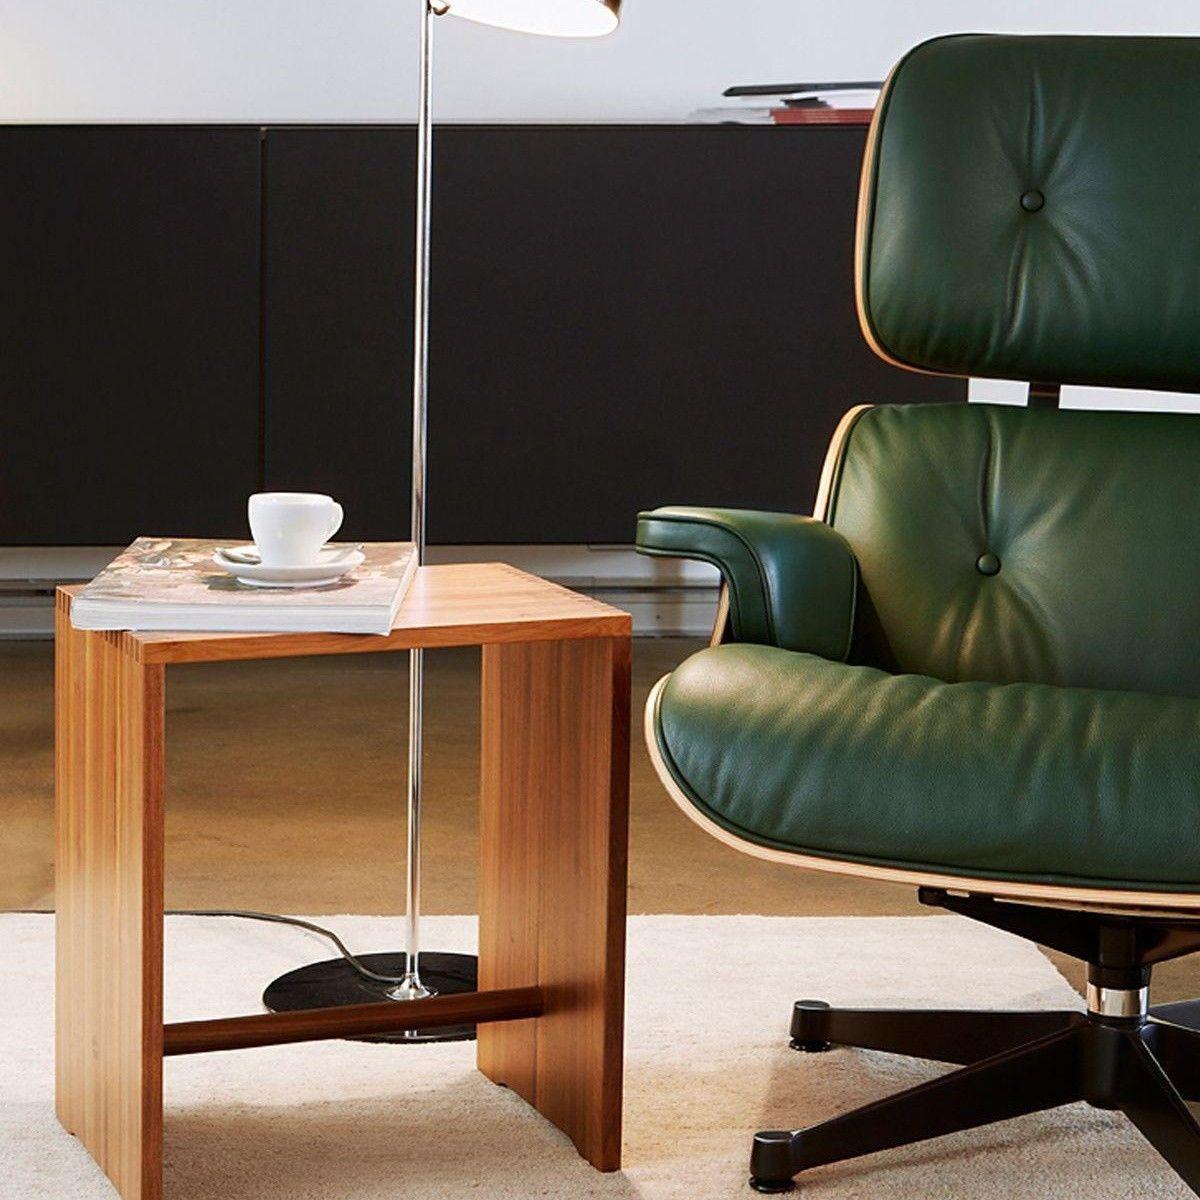 ulmer tabouret wb form tabourets meubles d 39 assise mobilier. Black Bedroom Furniture Sets. Home Design Ideas